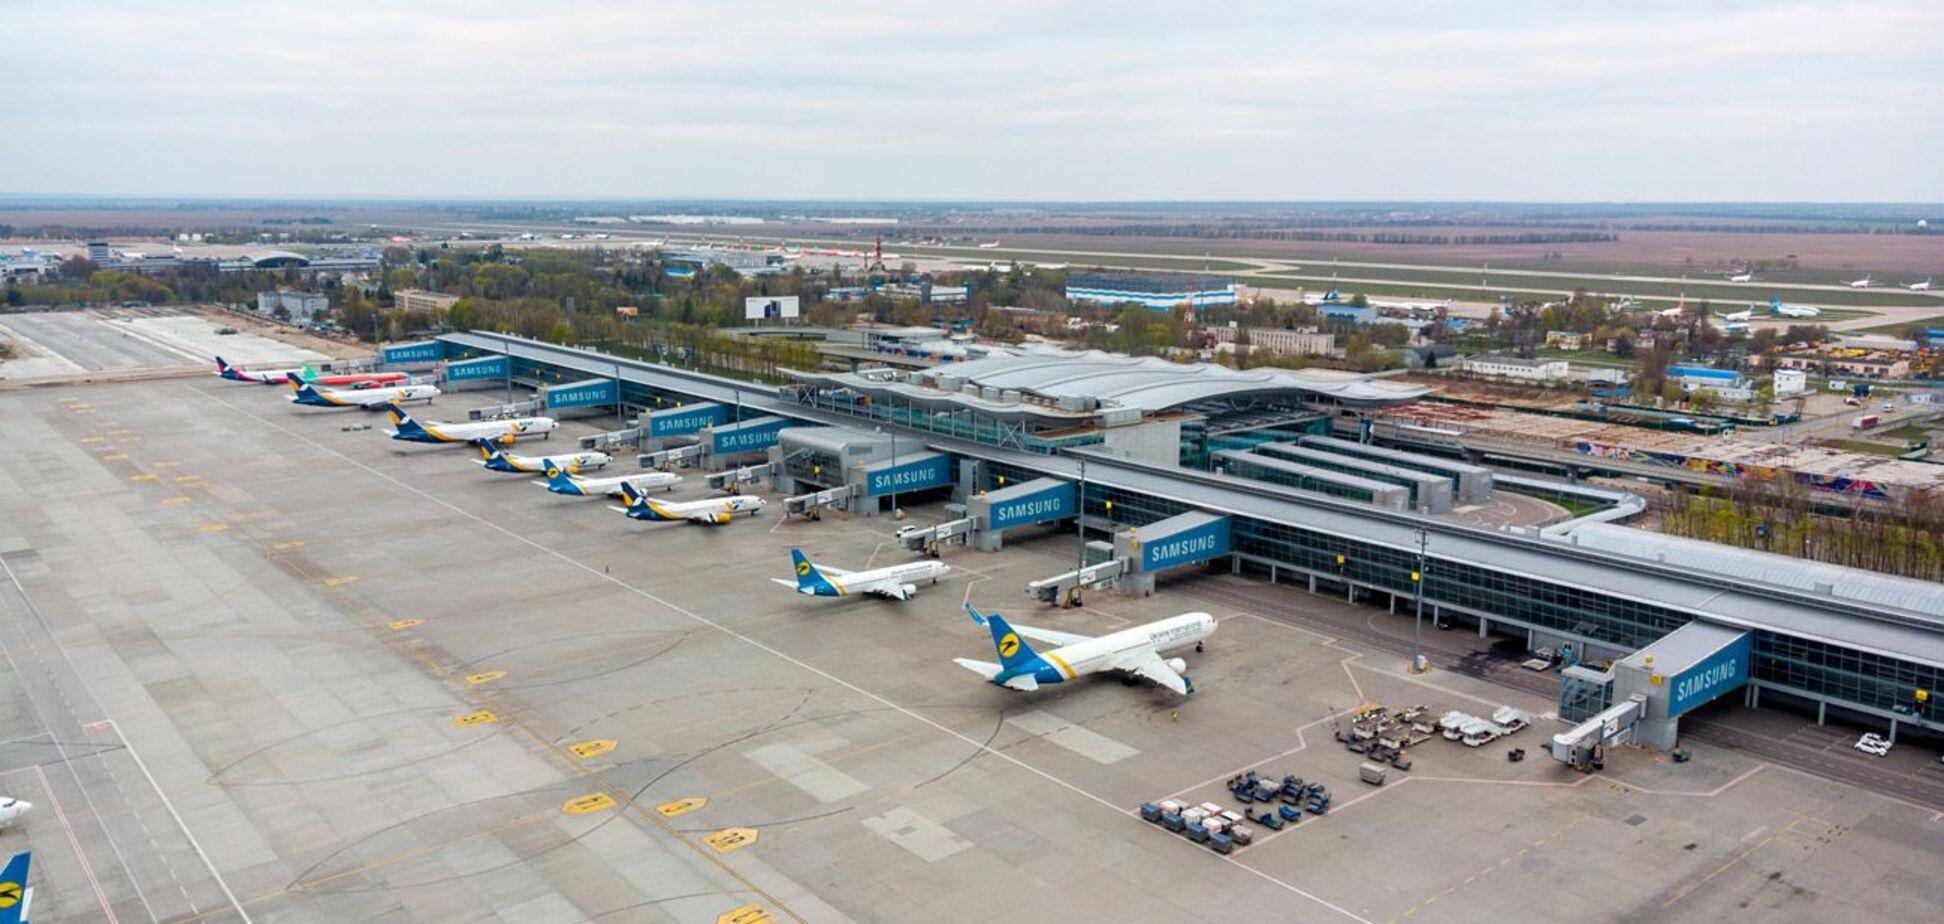 Стало известно имя нового руководителя аэропорта 'Борисполь'